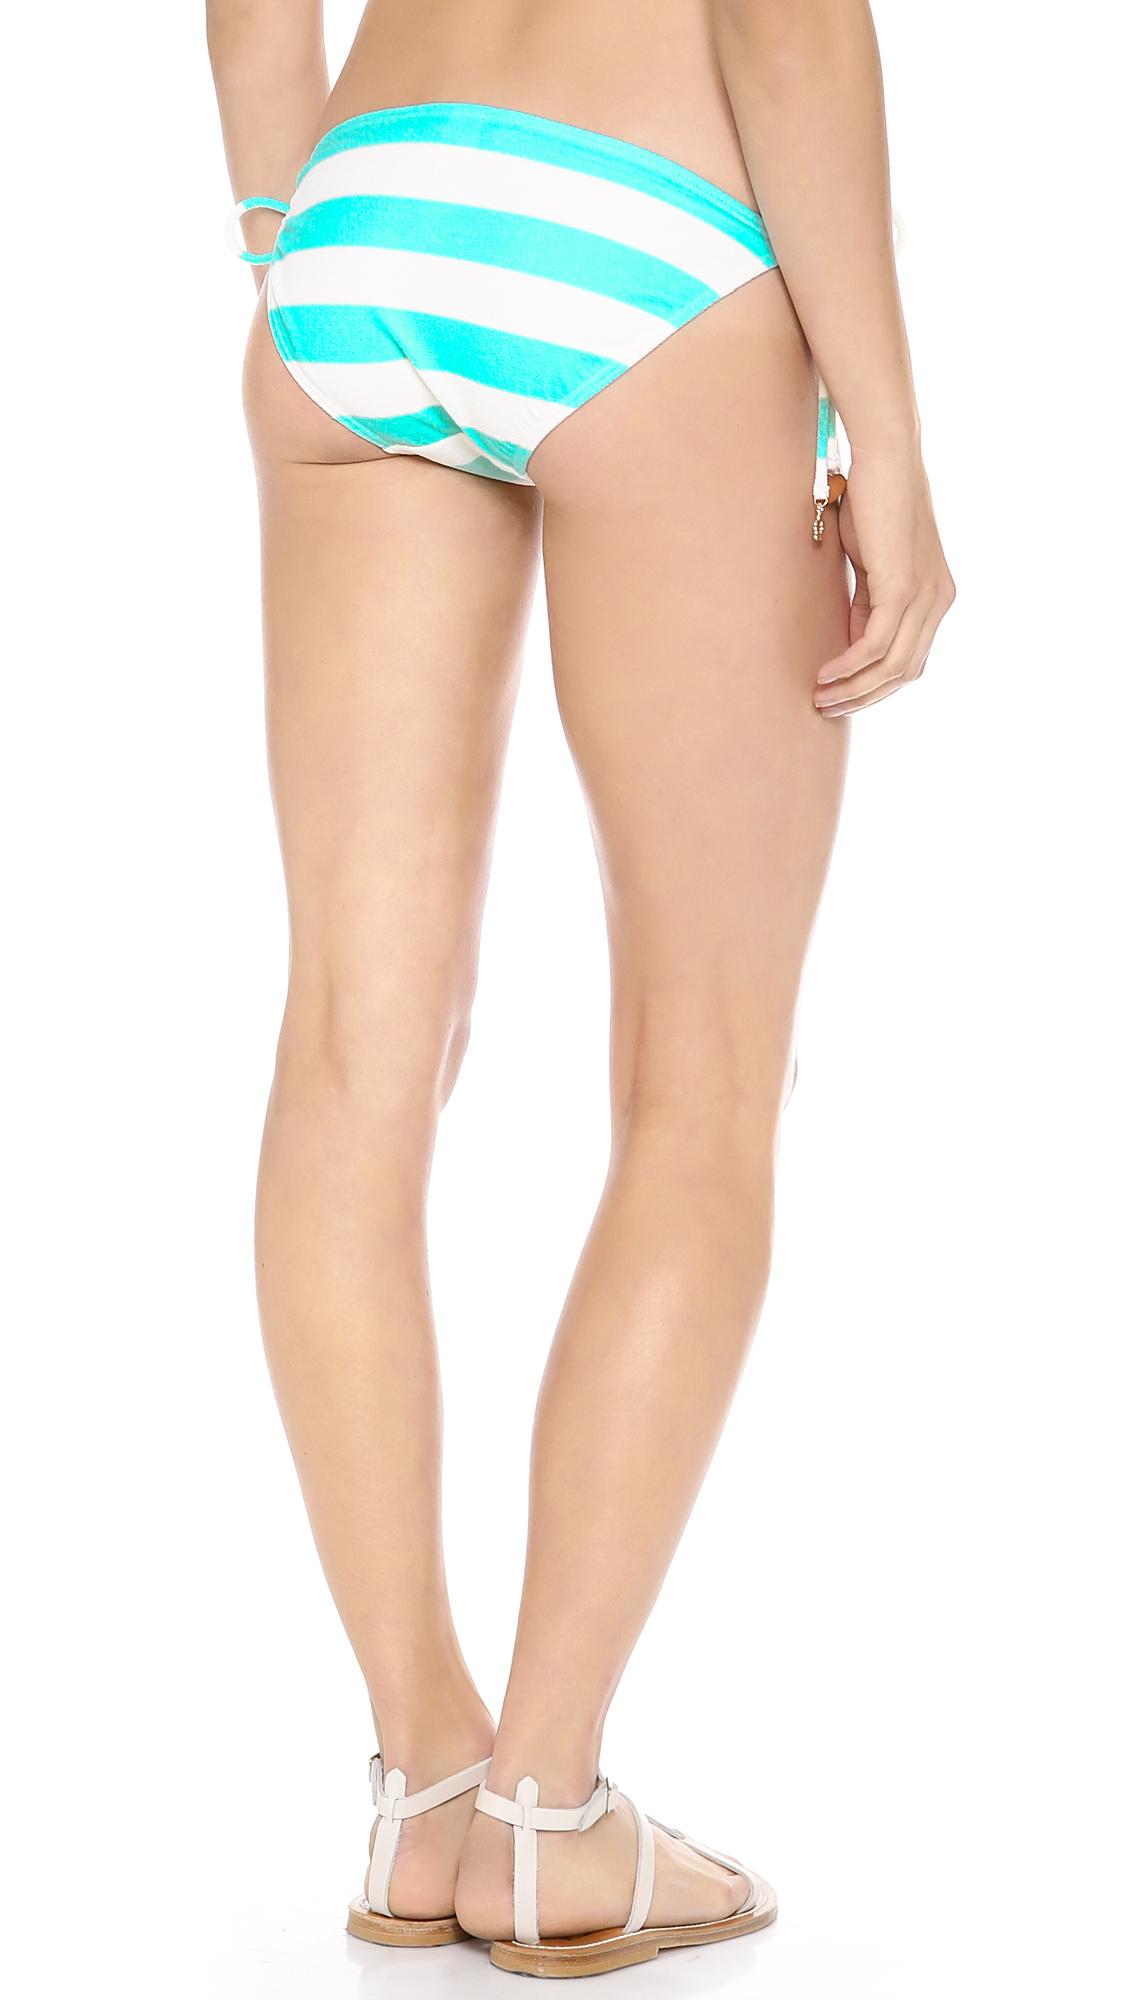 bikini couture China juicy supplier